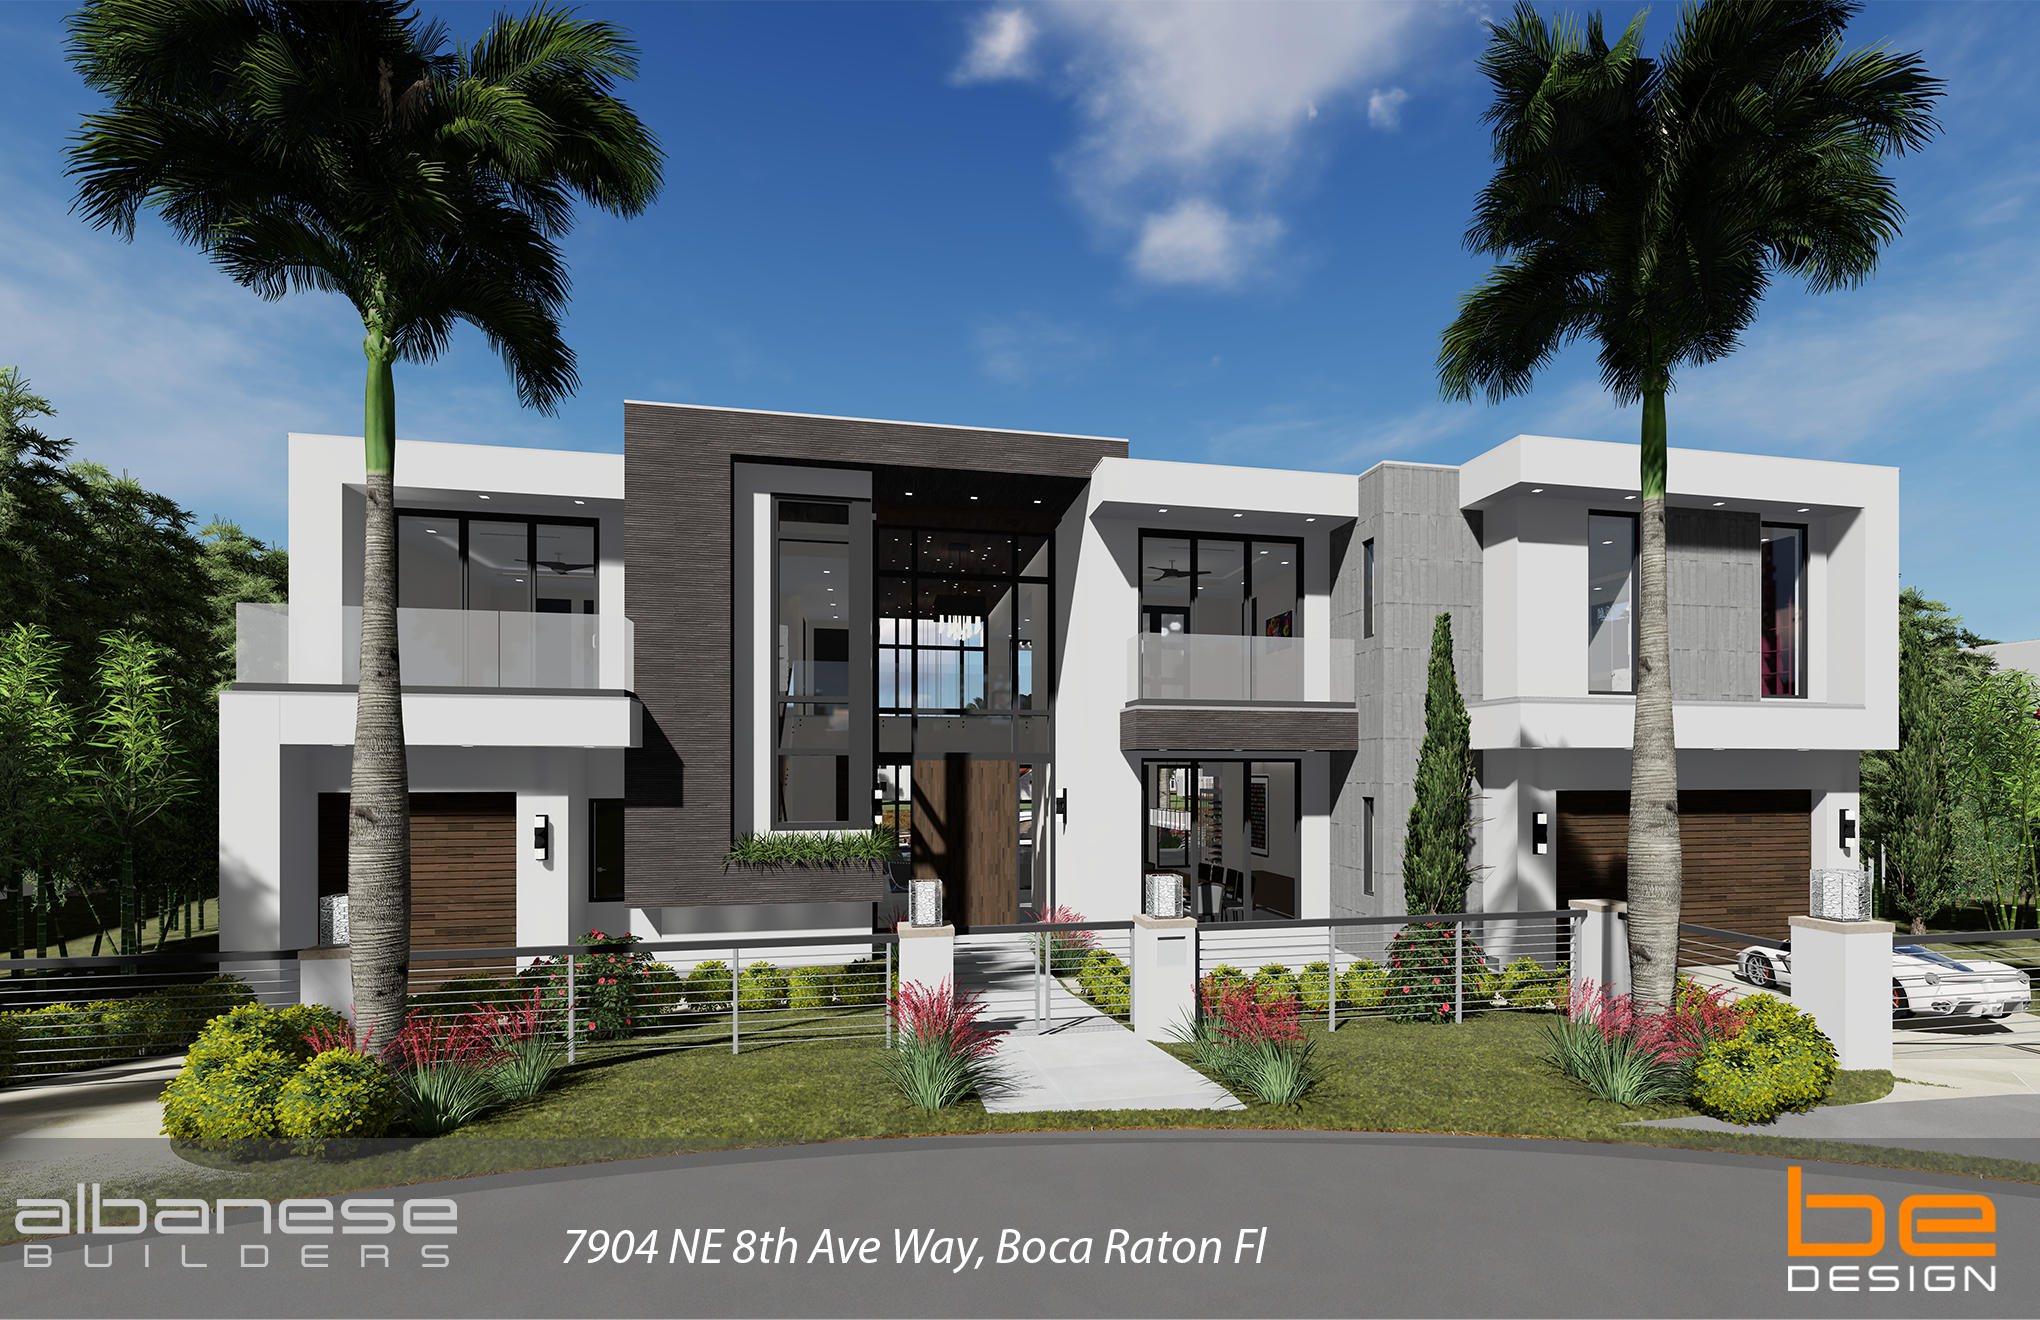 7904 NE Palm Way  Boca Raton FL 33487